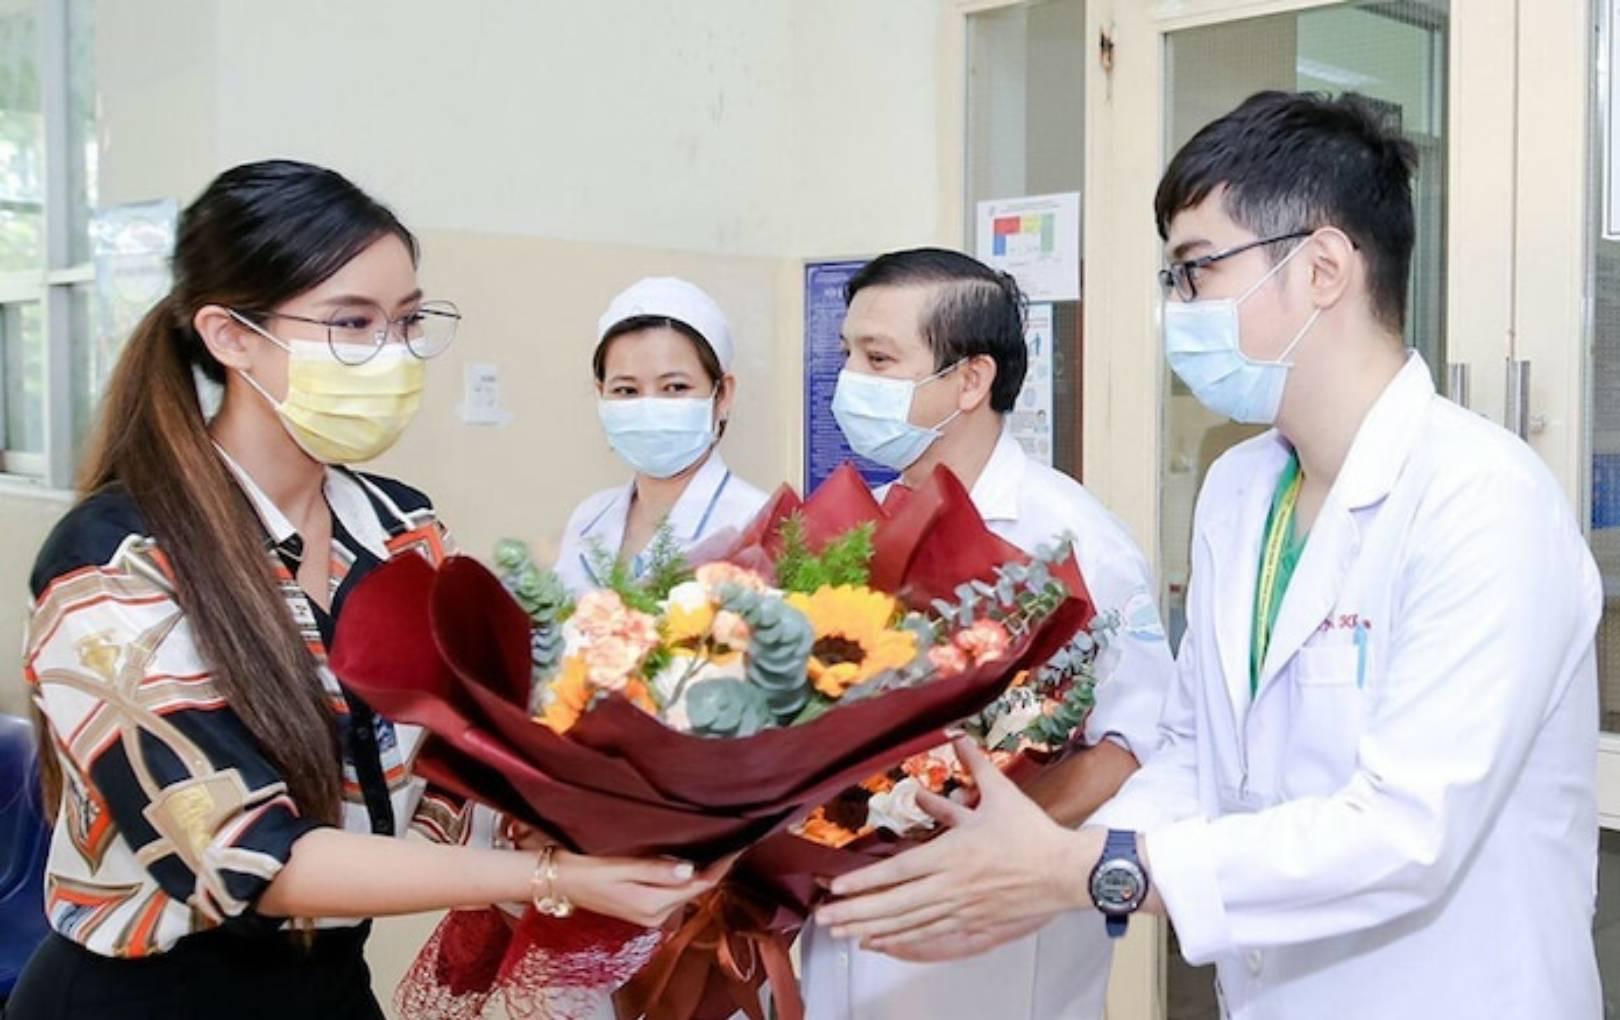 Richkid Tiên Nguyễn xúc động gửi lời cảm ơn đến bác sĩ sau khi xuất viện